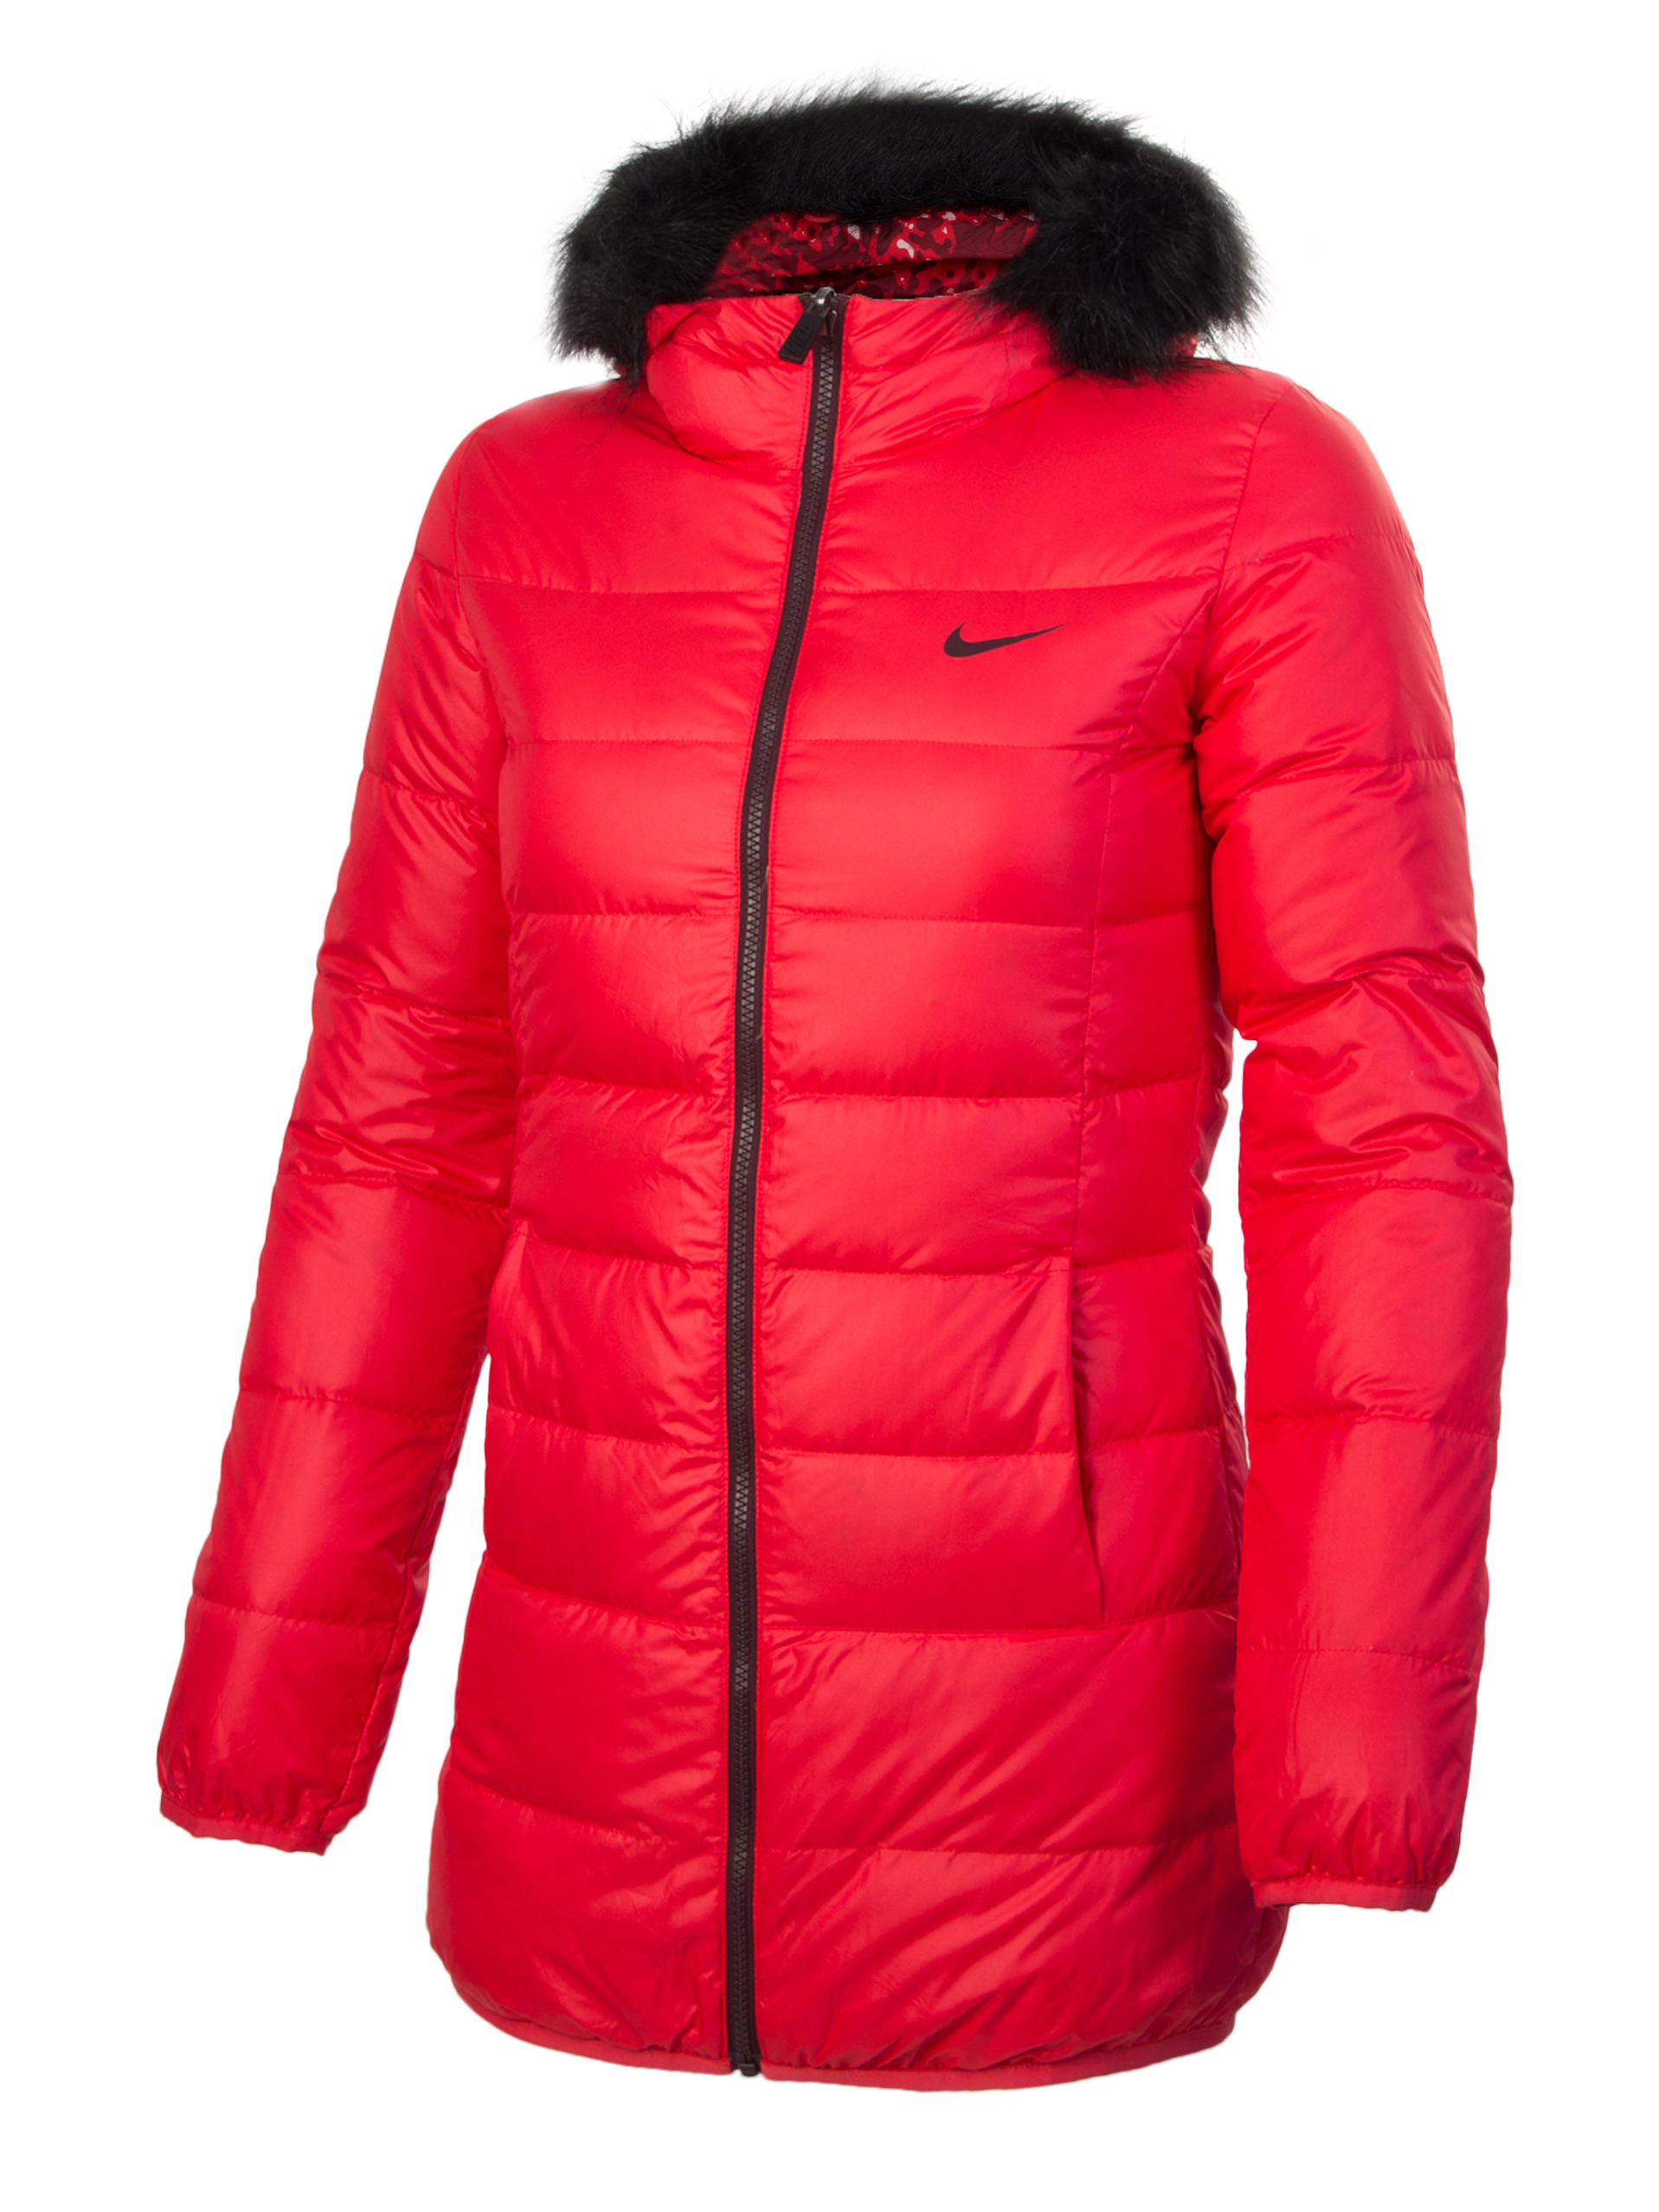 4ec55c84 Куртка утепленная женская Nike Alliance TD JKT-550 Hood - Сеть ...